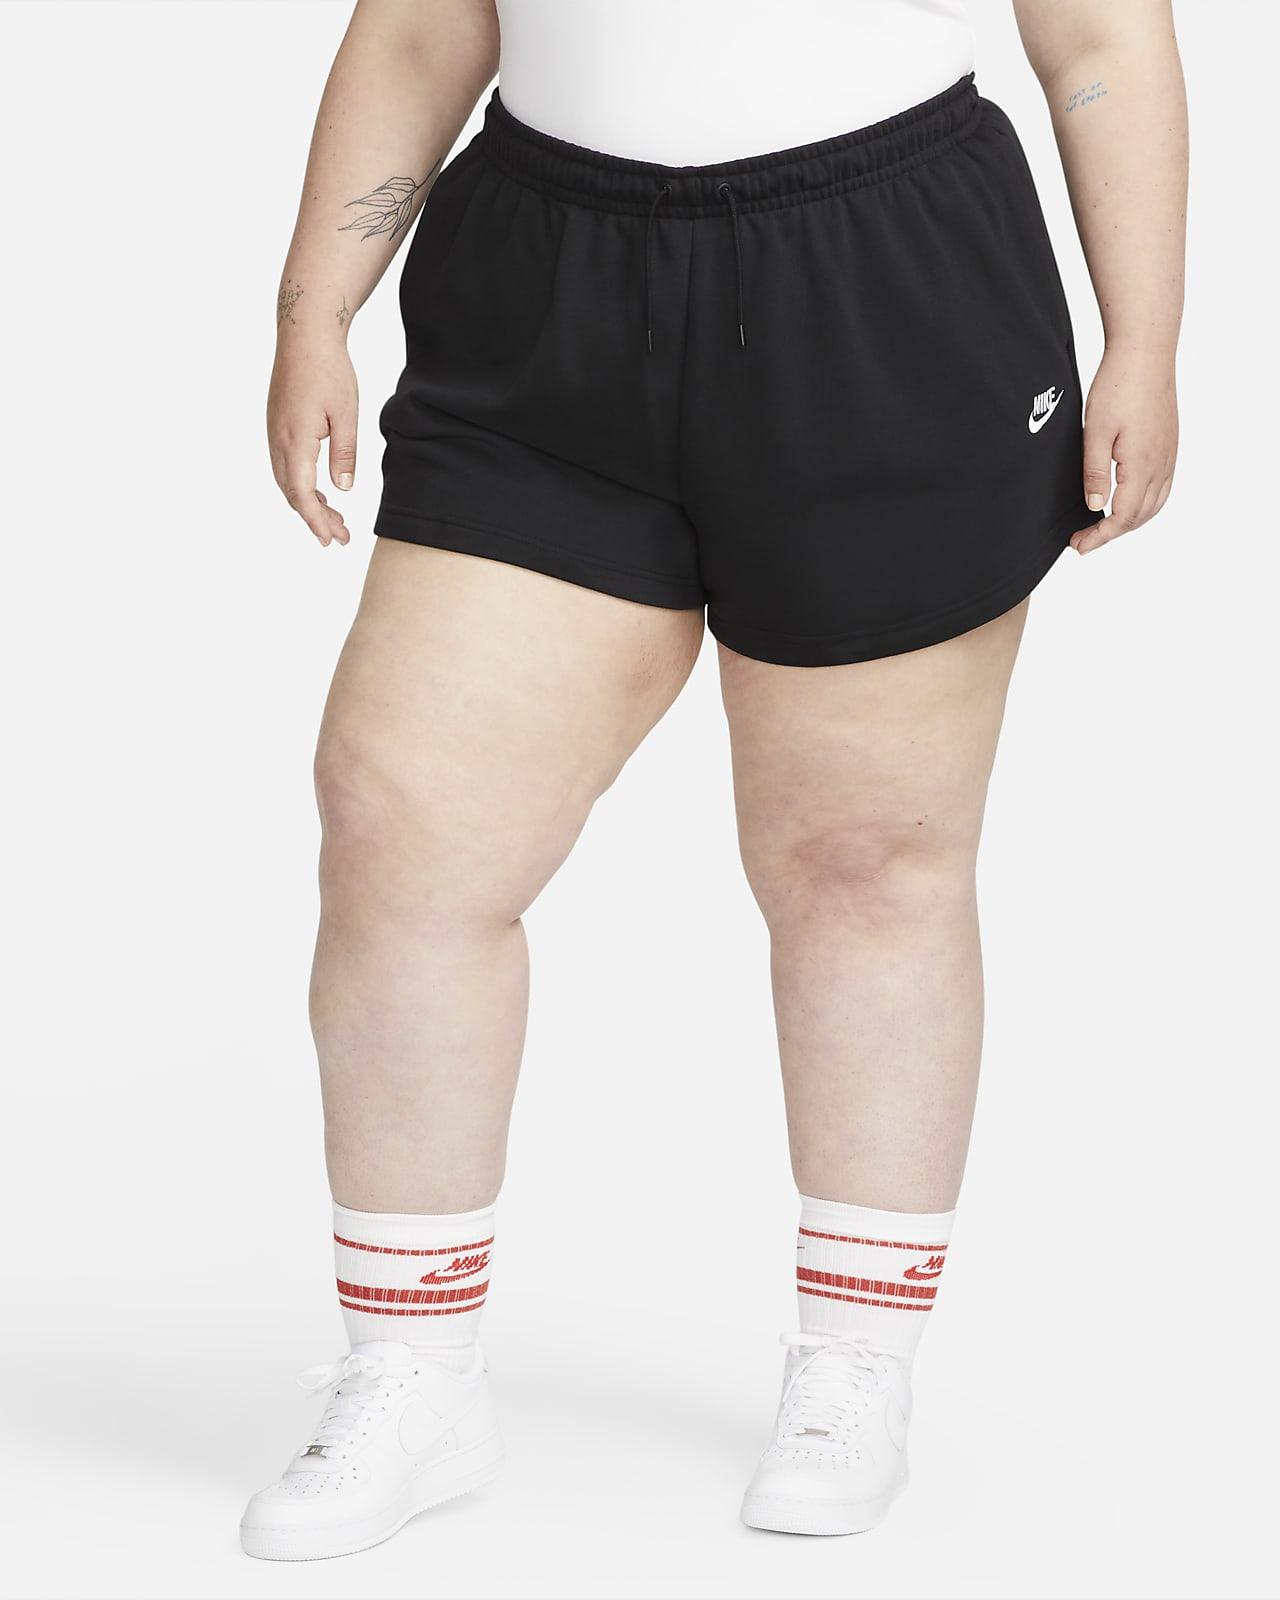 Calções Nike Sportswear para mulher (tamanhos grandes)